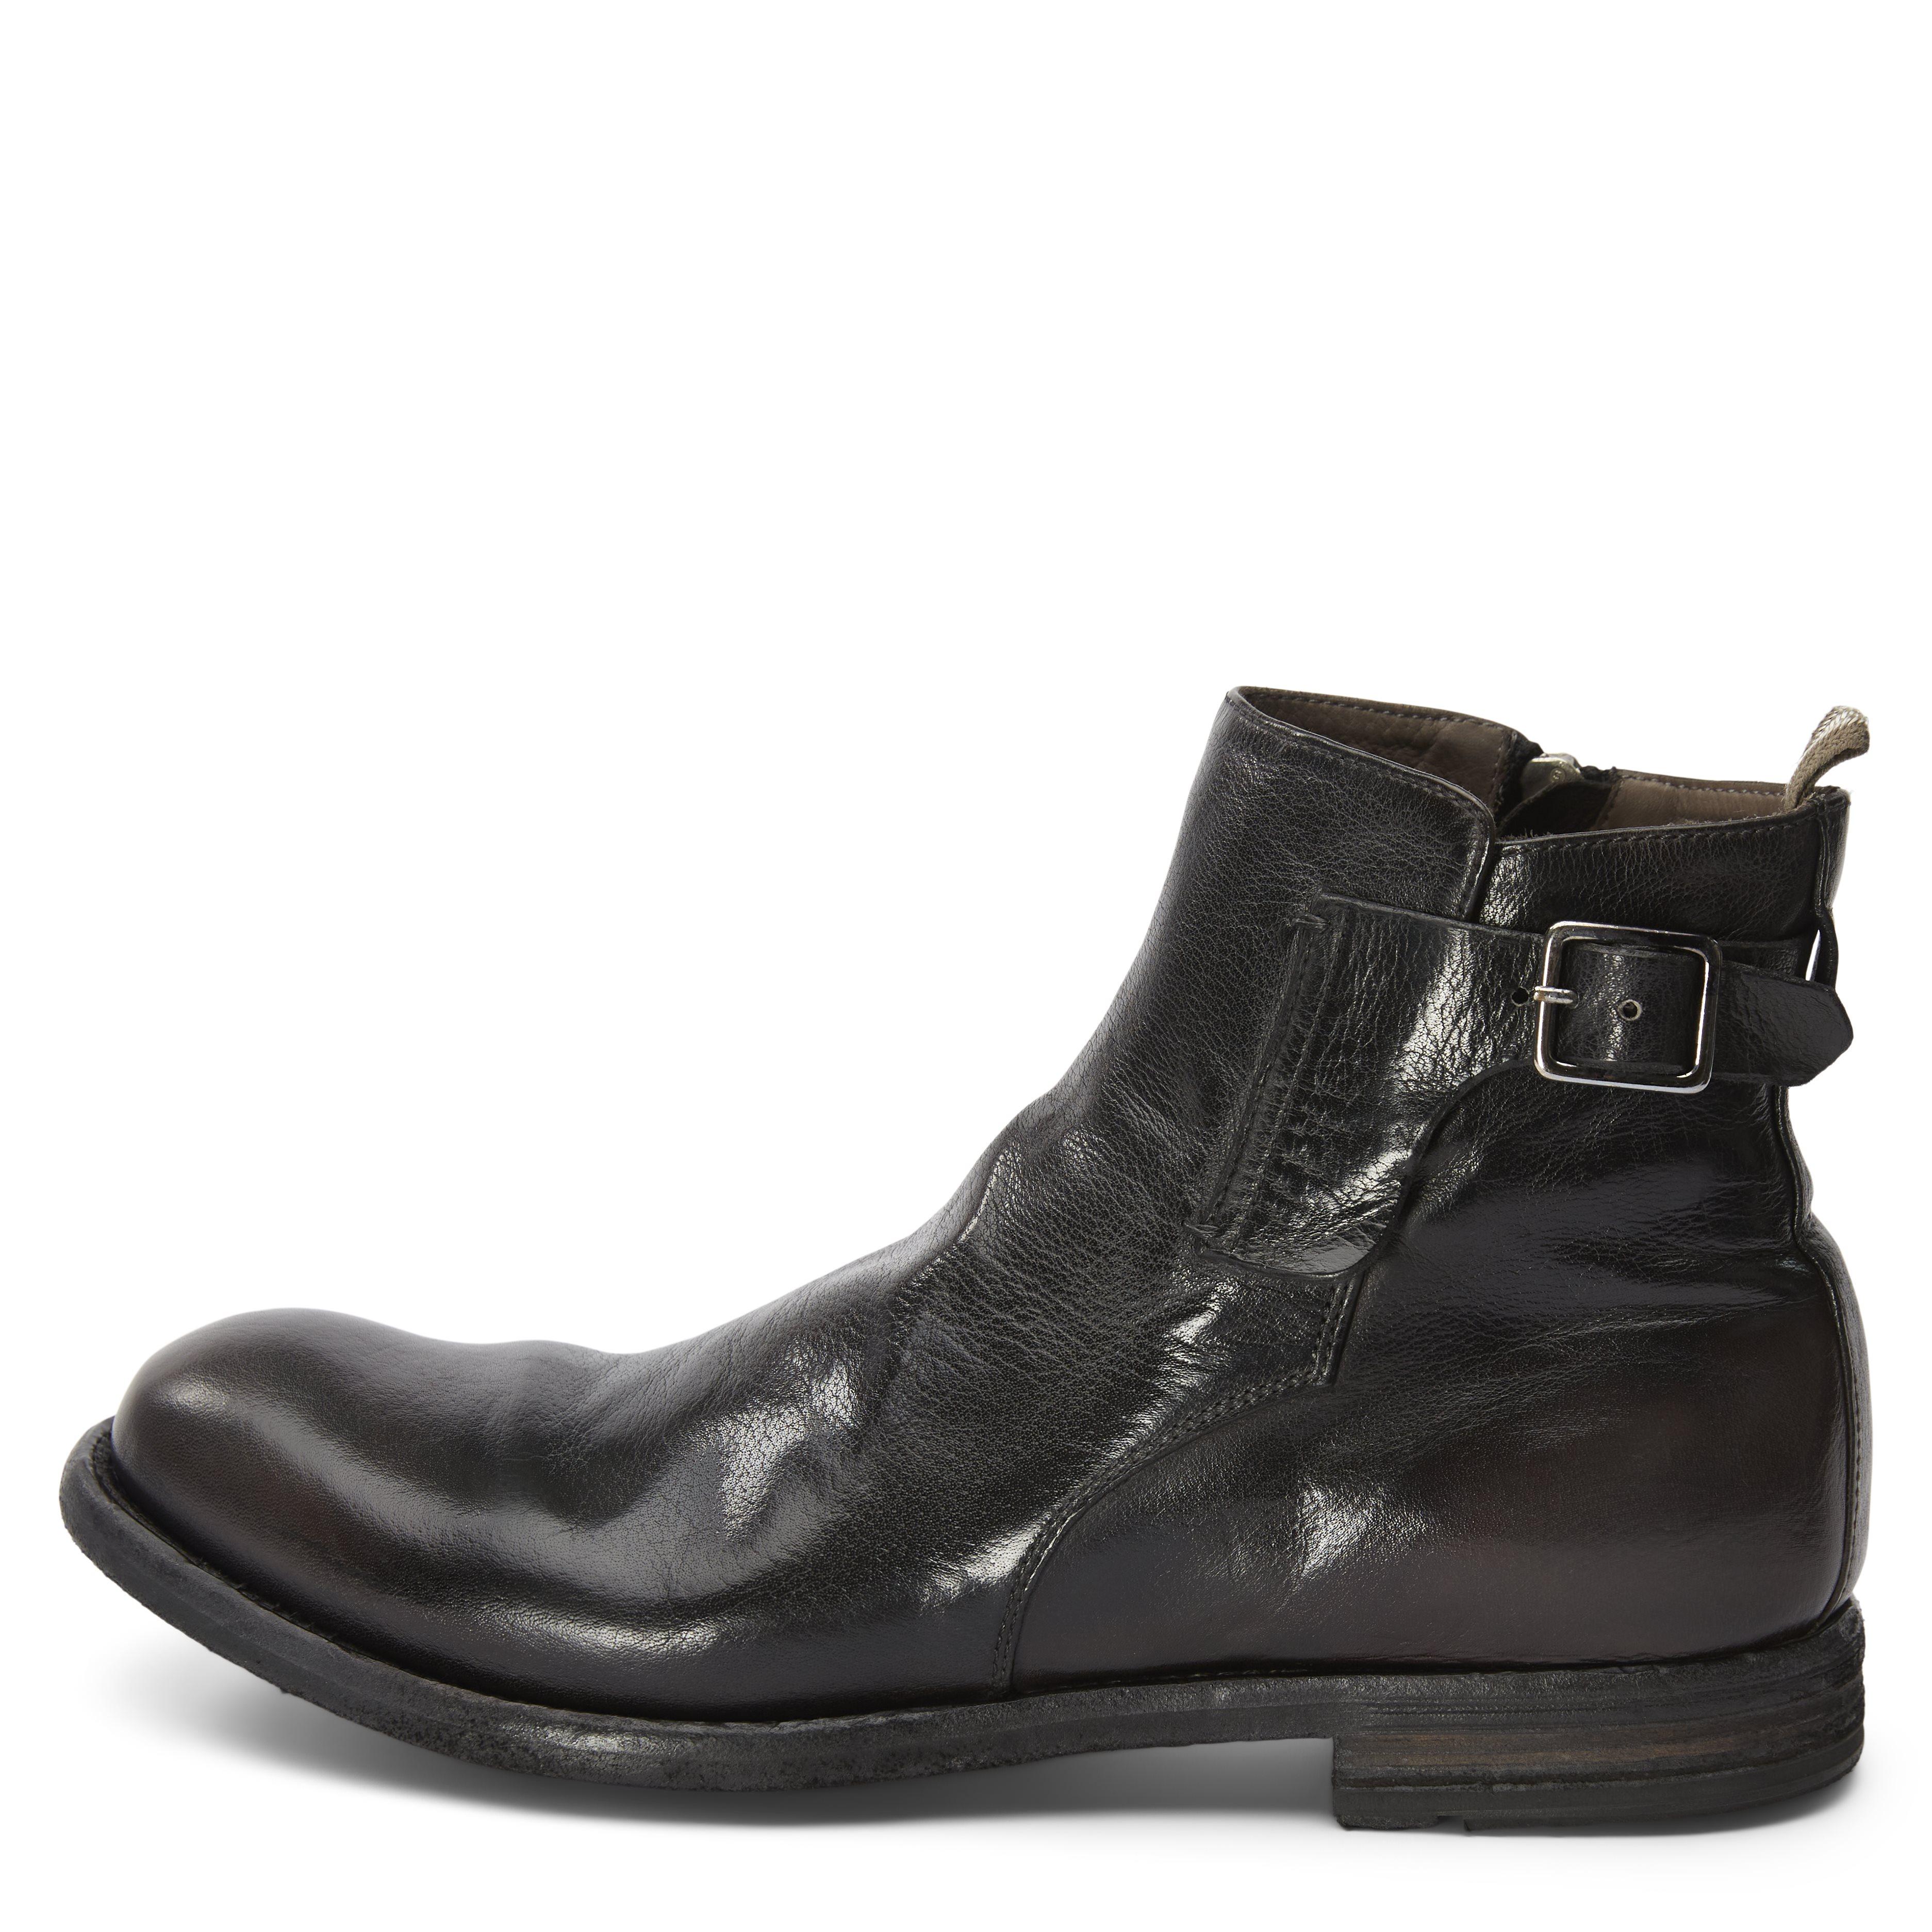 Old Ignis Boots - Sko - Sort